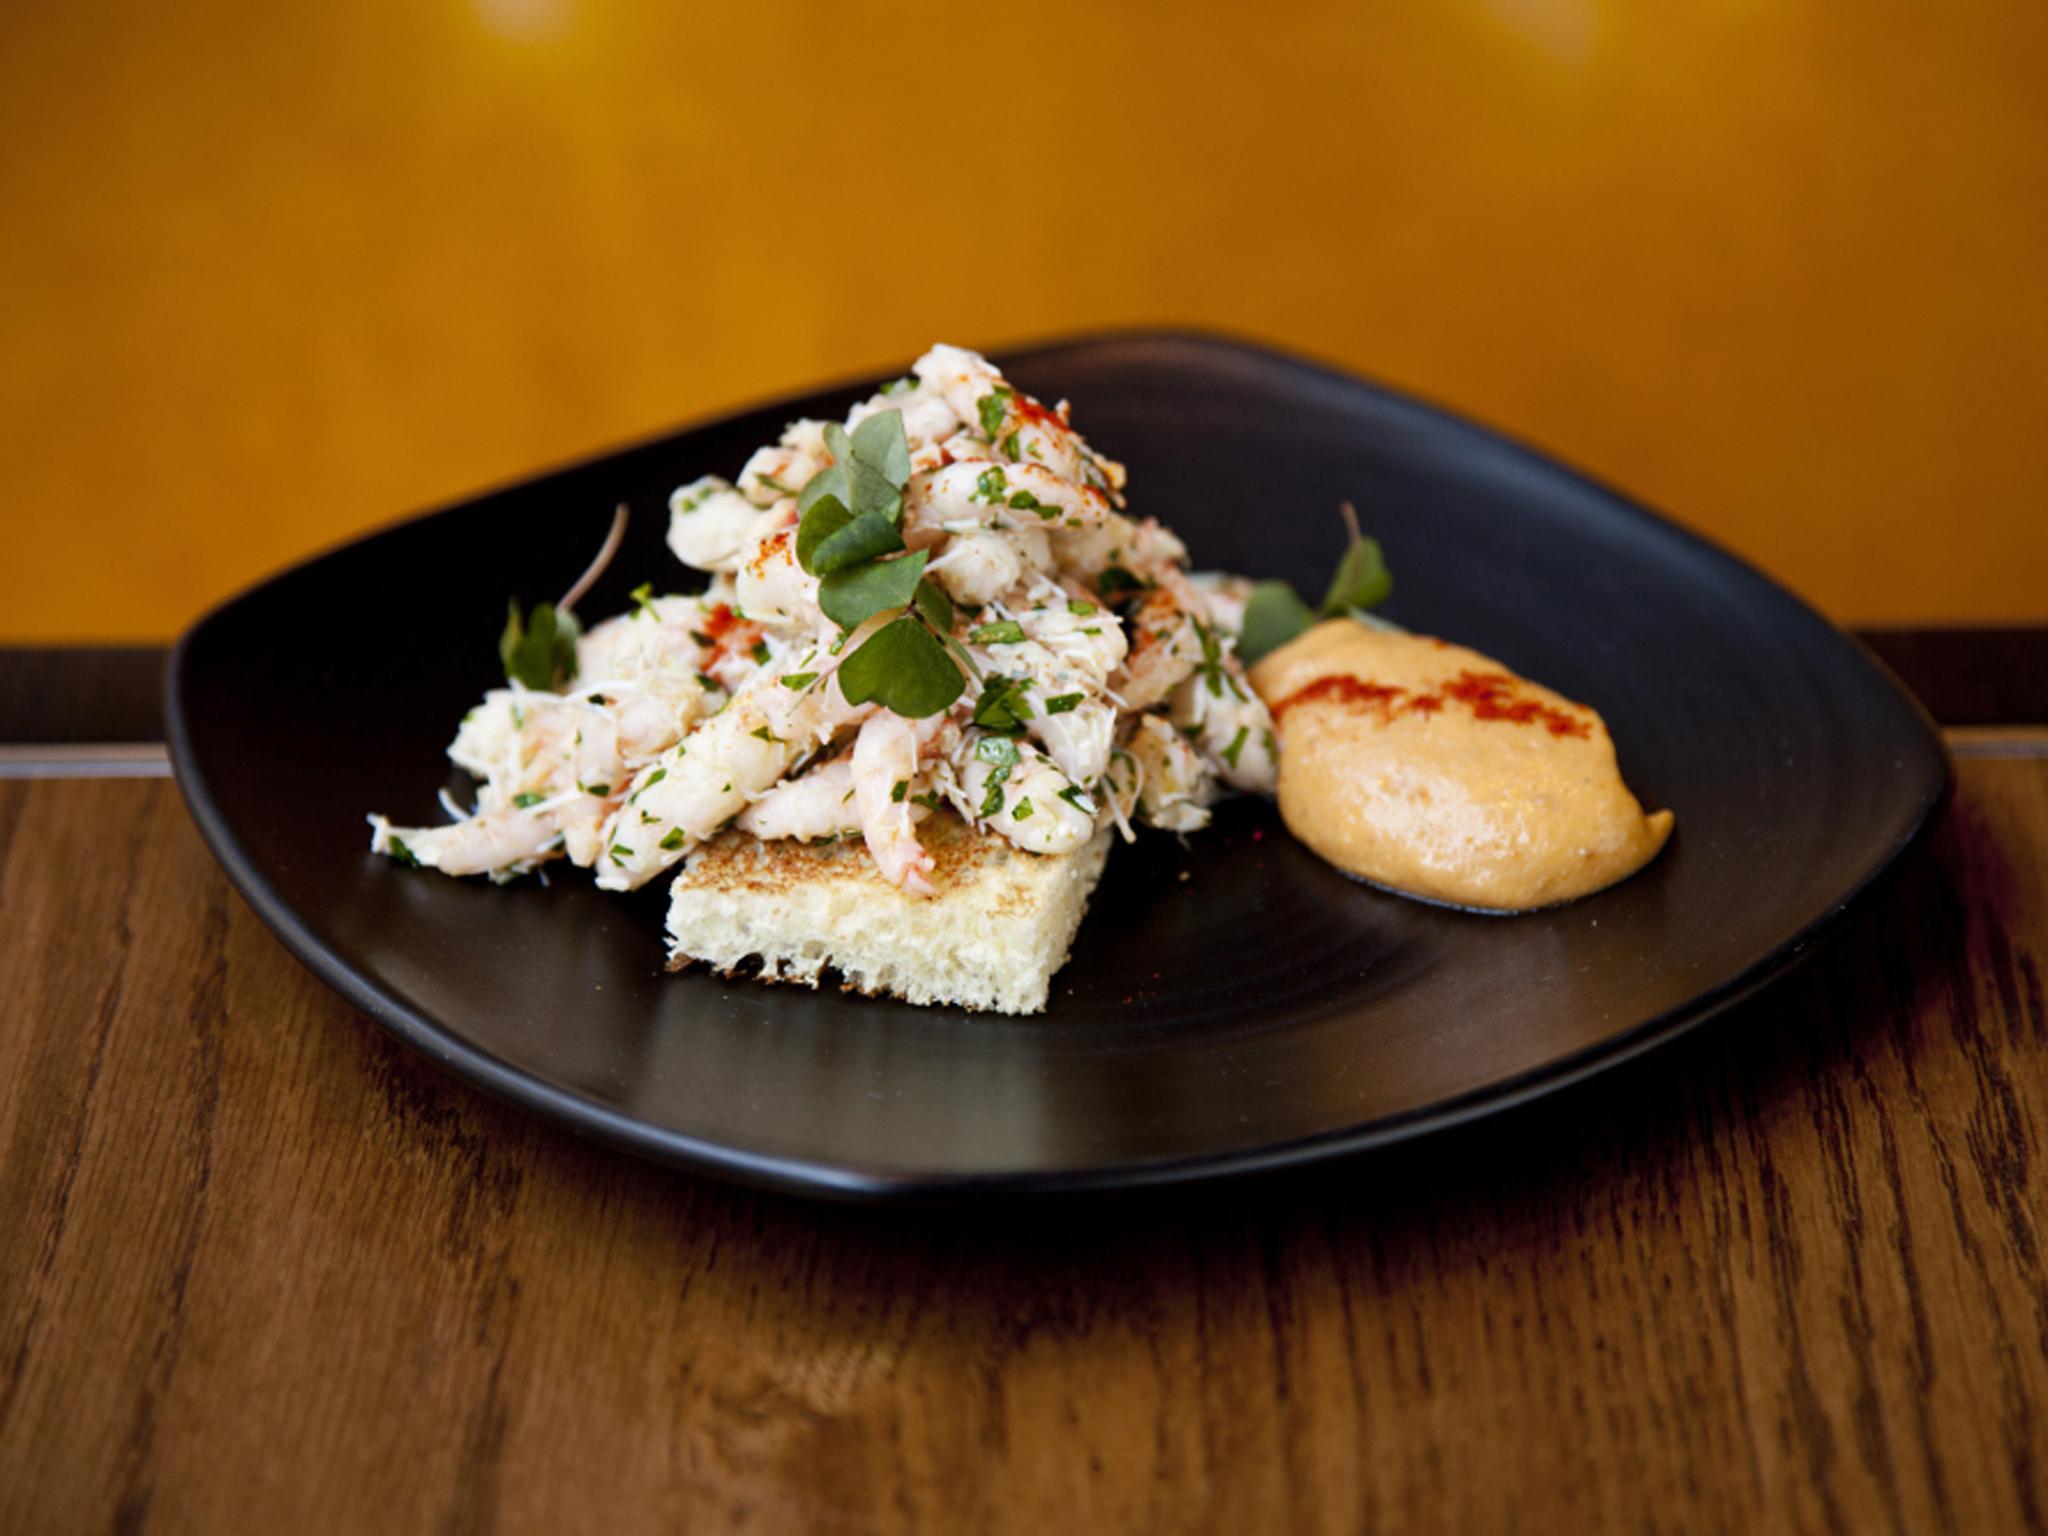 healthy restaurants in london, bread street kitchen